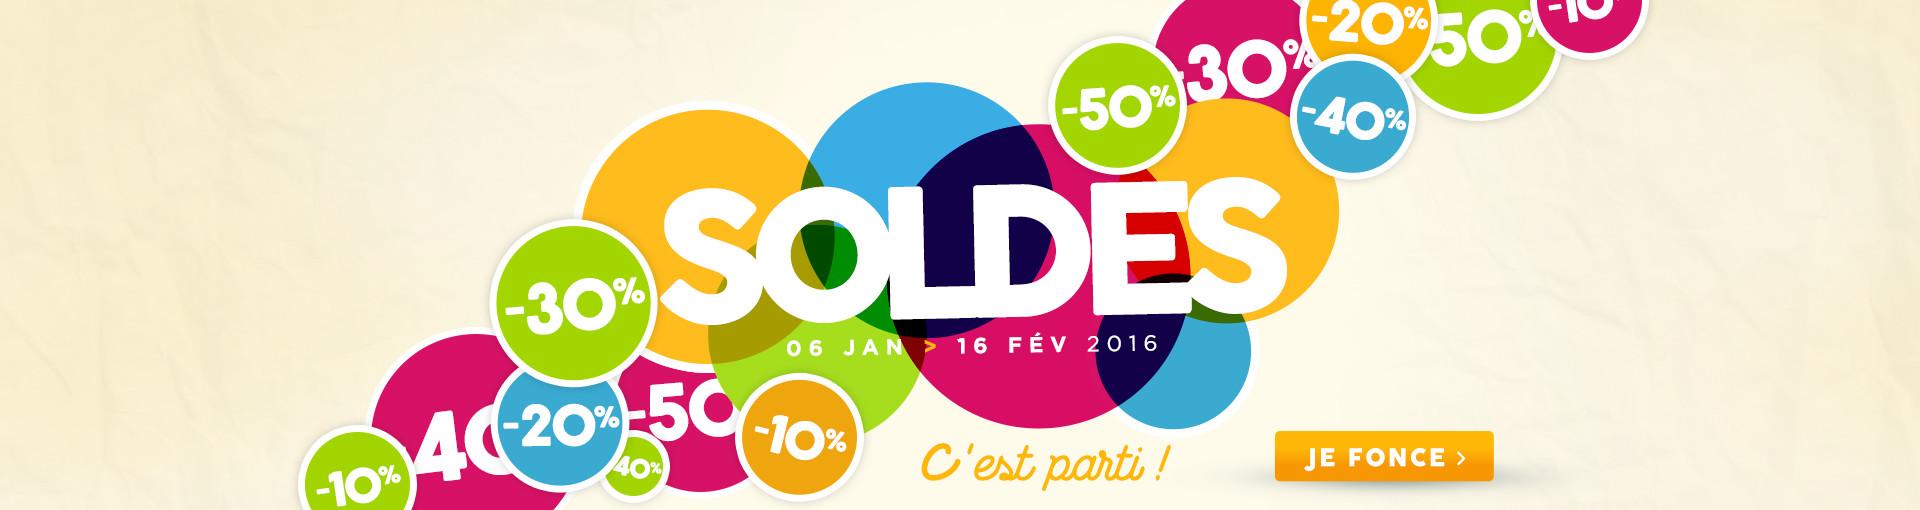 soldes-2016